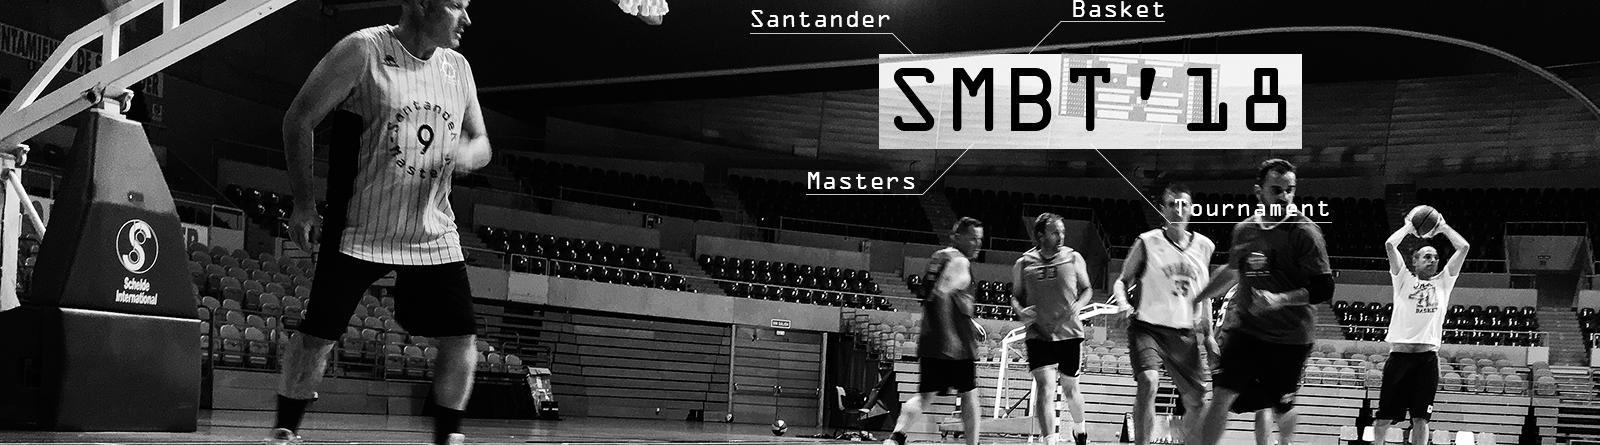 ¡Bienvenido a SMBT!